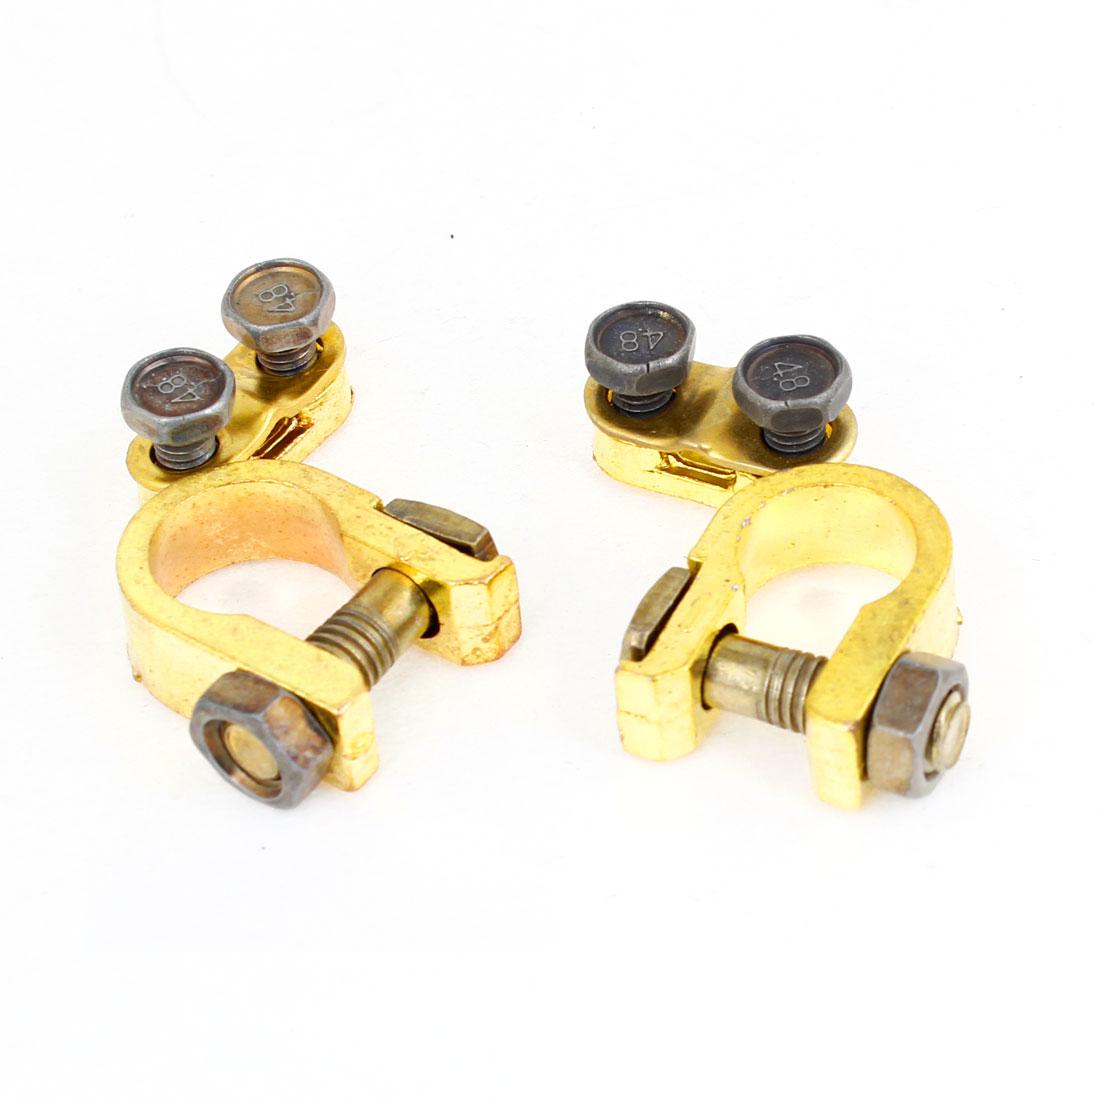 2pcs Gold Tone Adjustable Battery Terminals Clip for Car